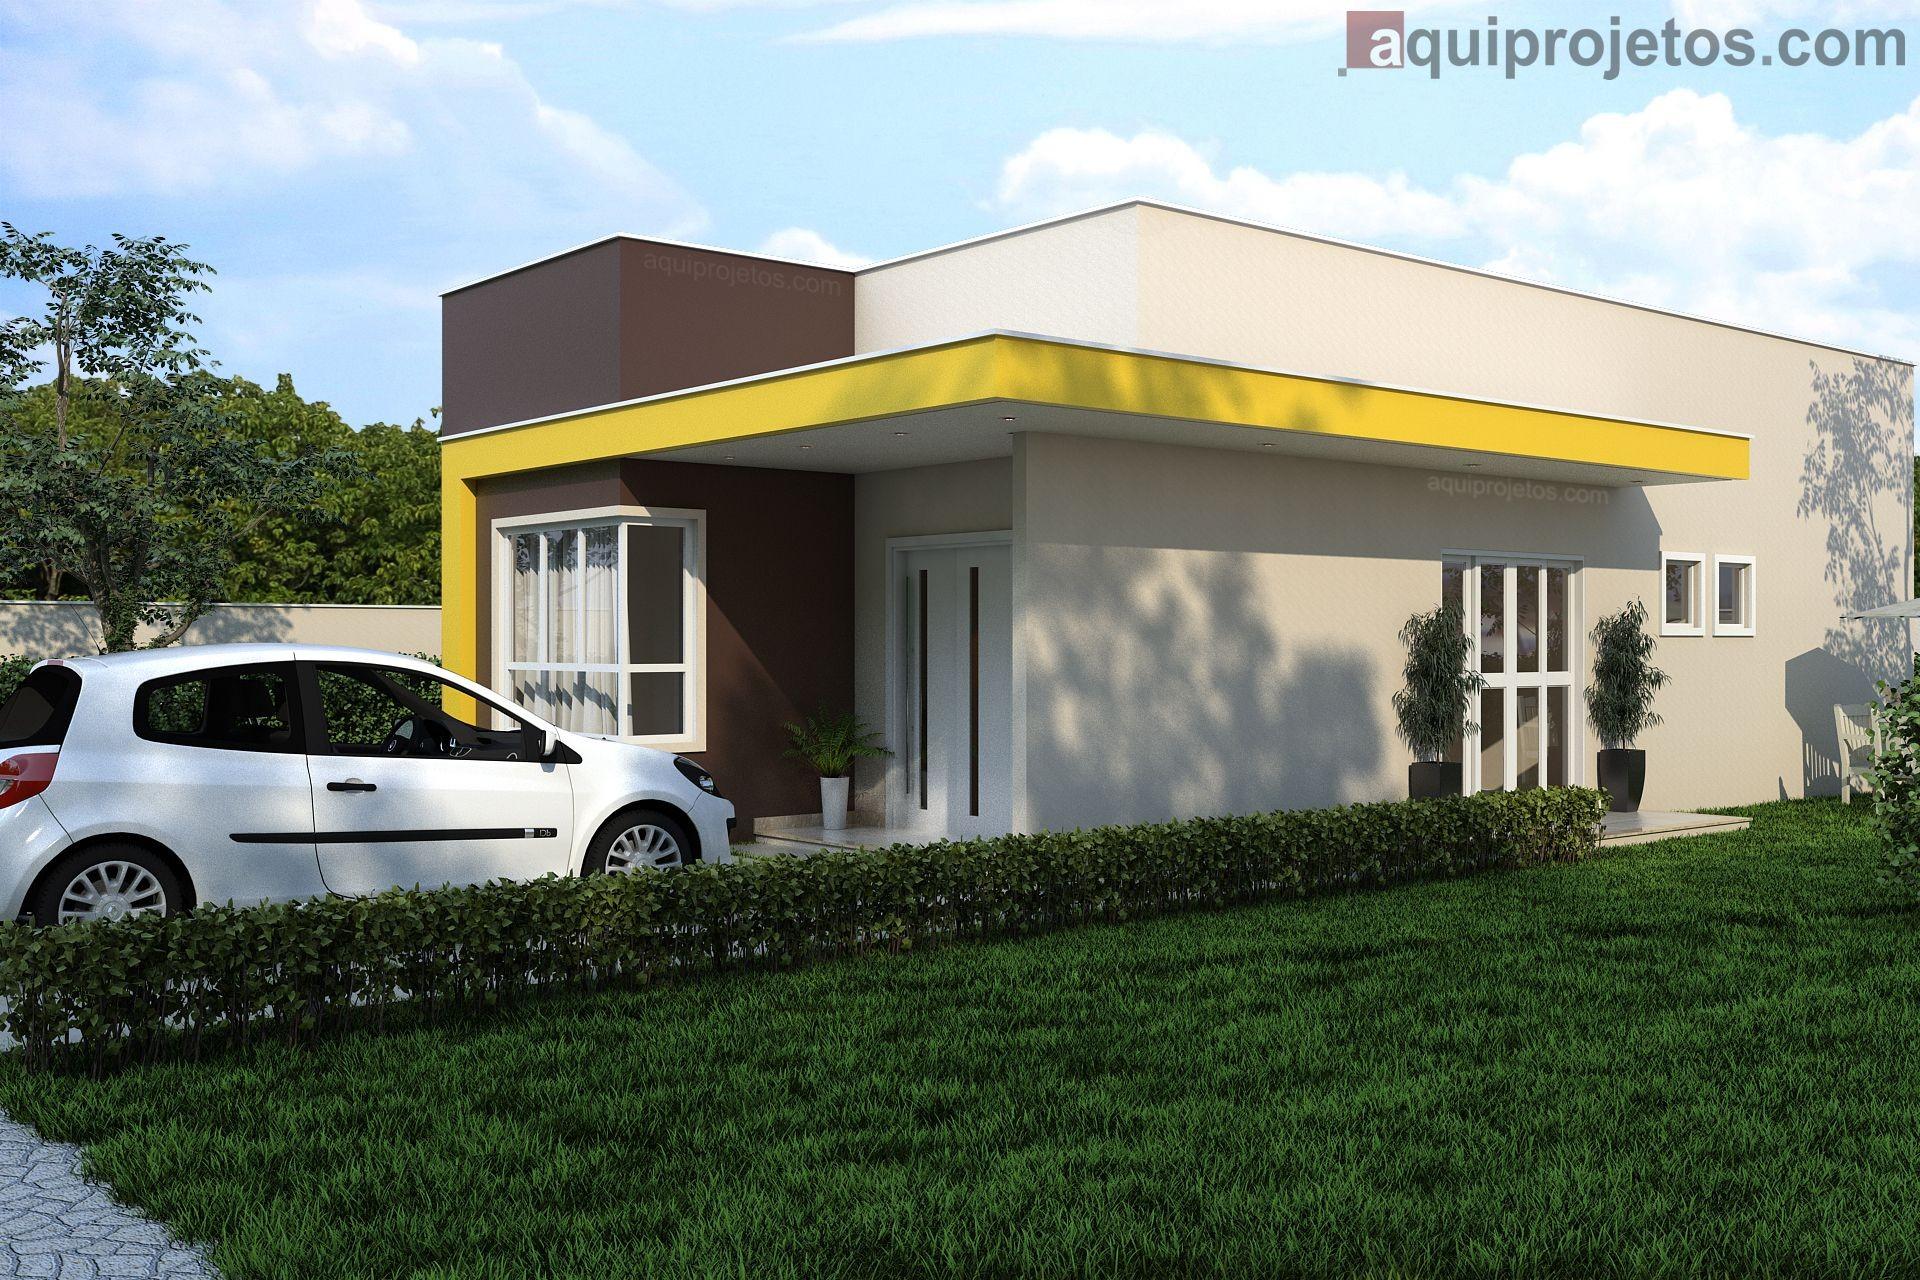 Fachada lateral diurna moderna casa de 1 pavimento marrom amarela - Projeto Macapá - Cod H14 – aquiprojetos